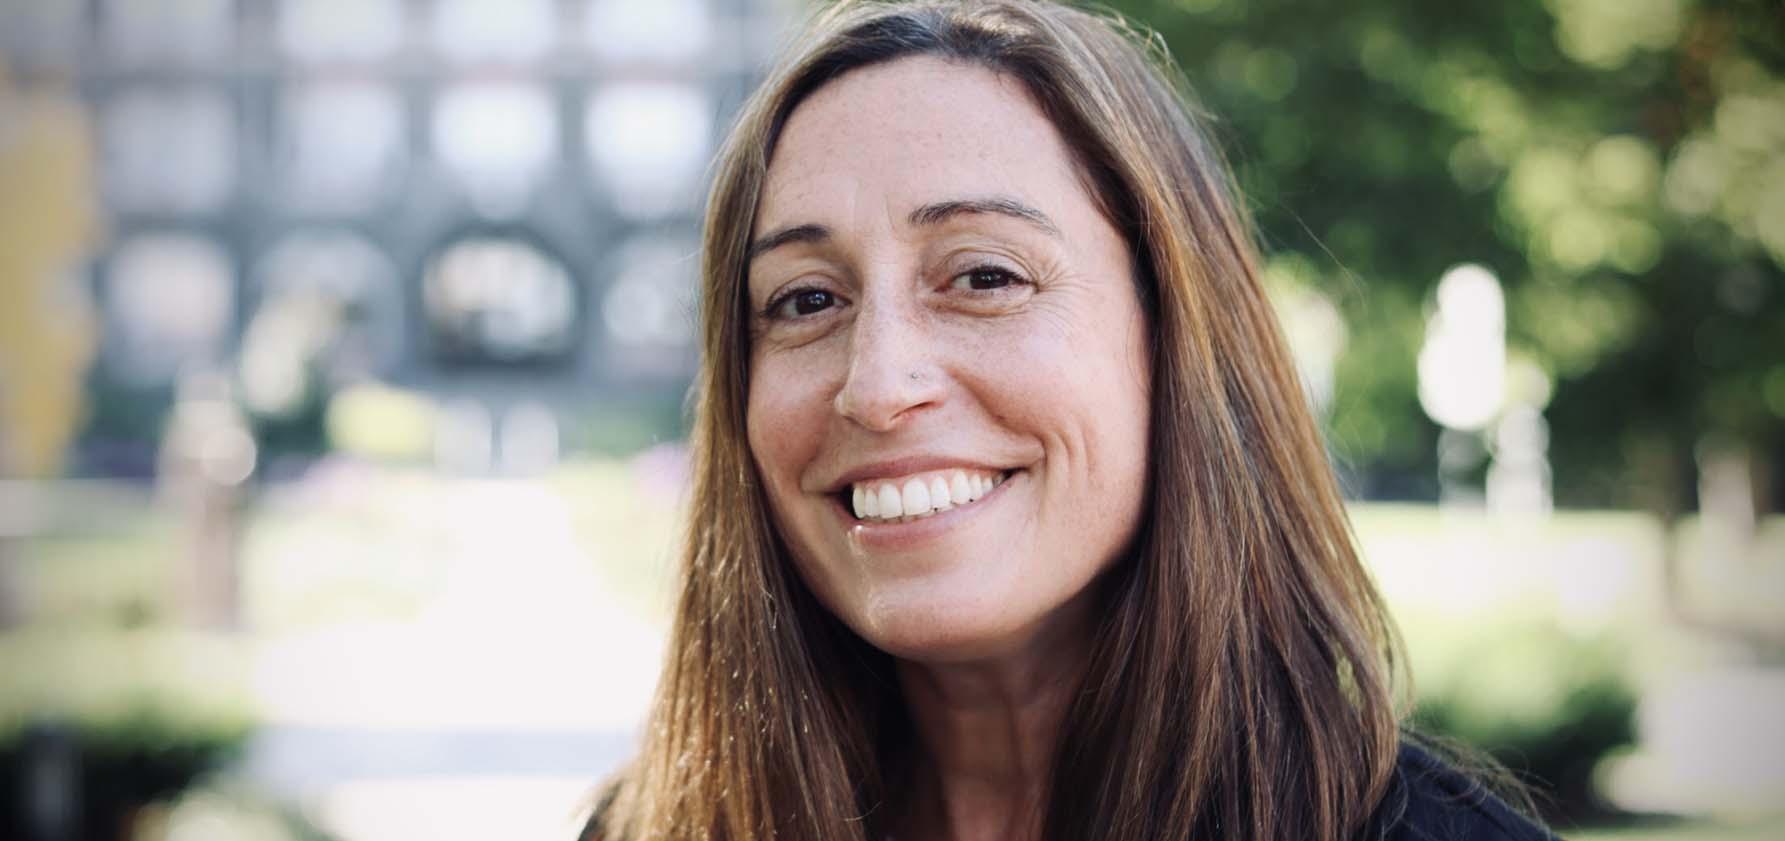 Jennika Borger, Moravian College's chaplain